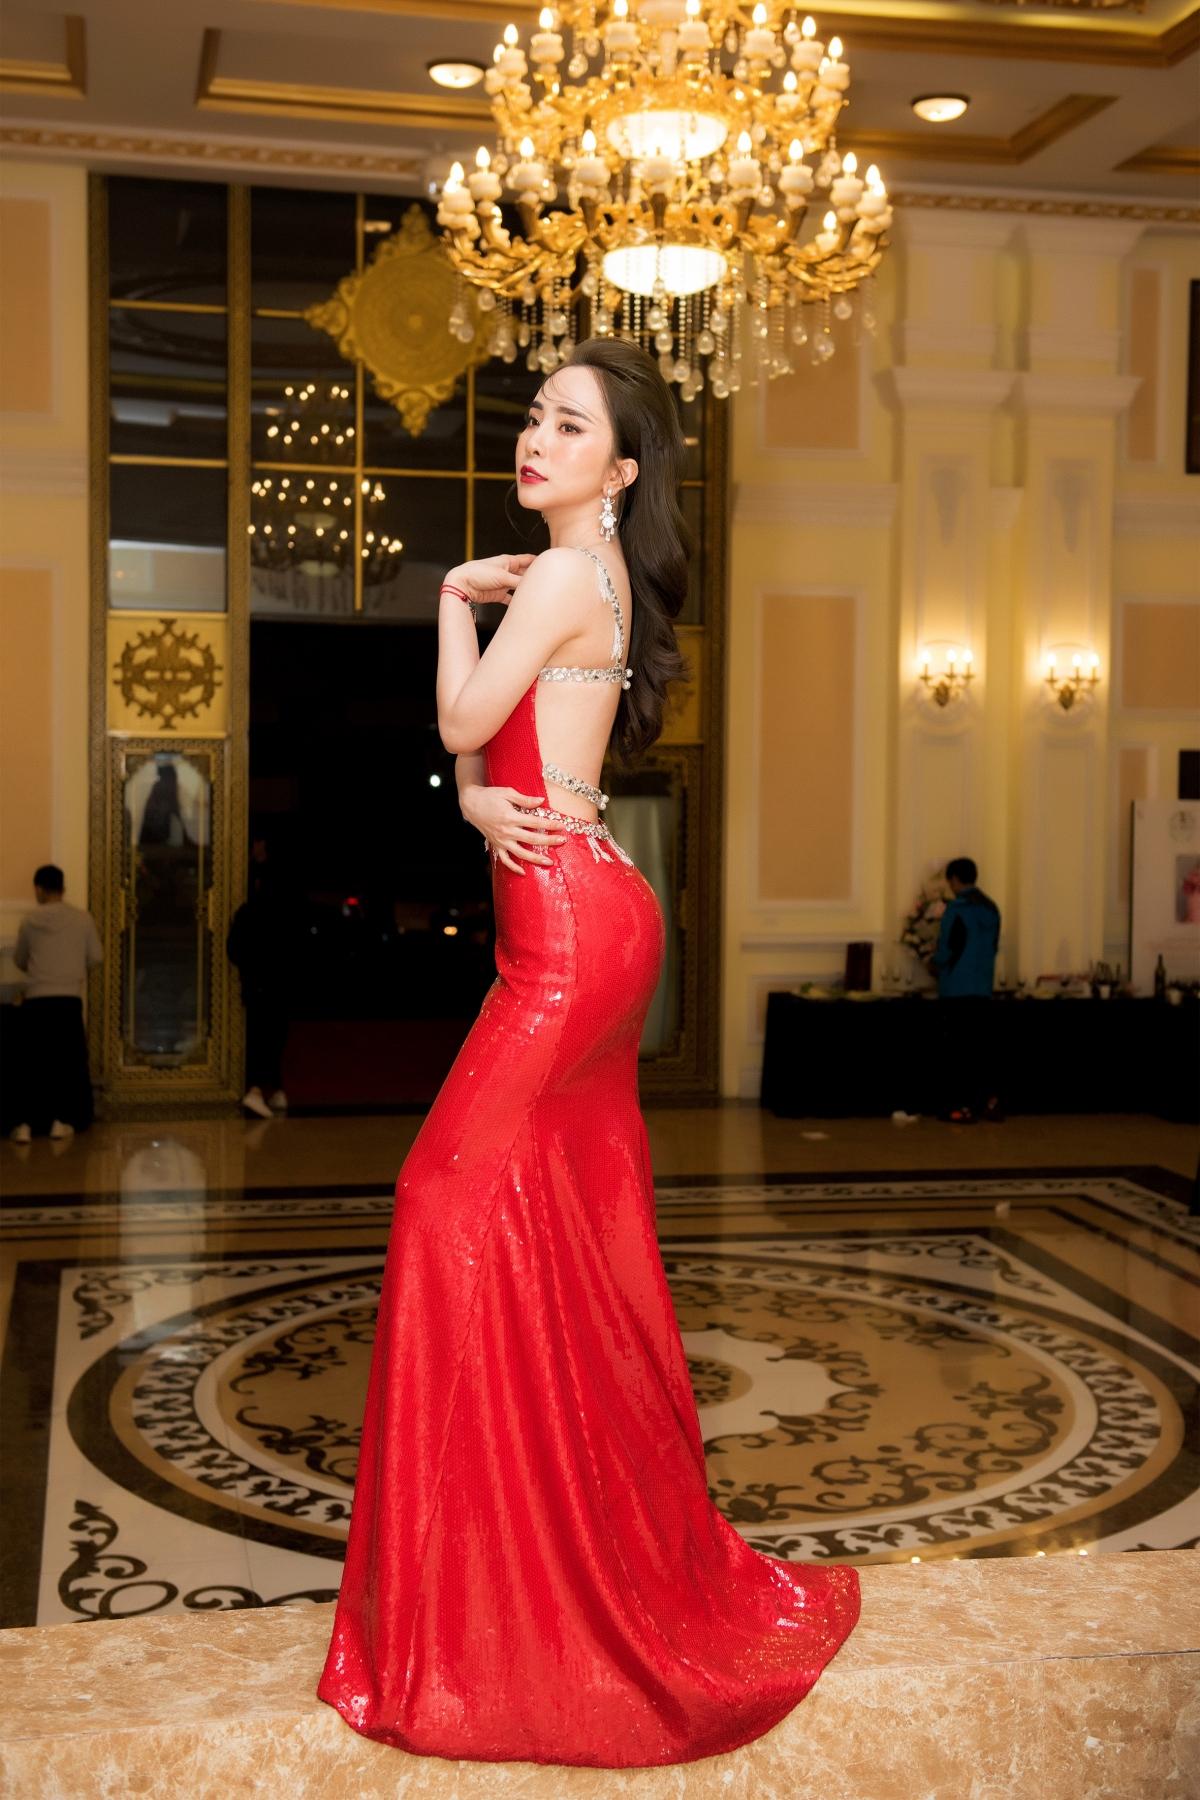 Quỳnh Nga chia sẻ, mặc dù không đi diễn nhưng cô vẫn luôn tập luyện vũ đạo, tập thể hình, múa cổ trang, yoga... để có thể trình diễn tốt nhất mỗi lần lên sân khấu.